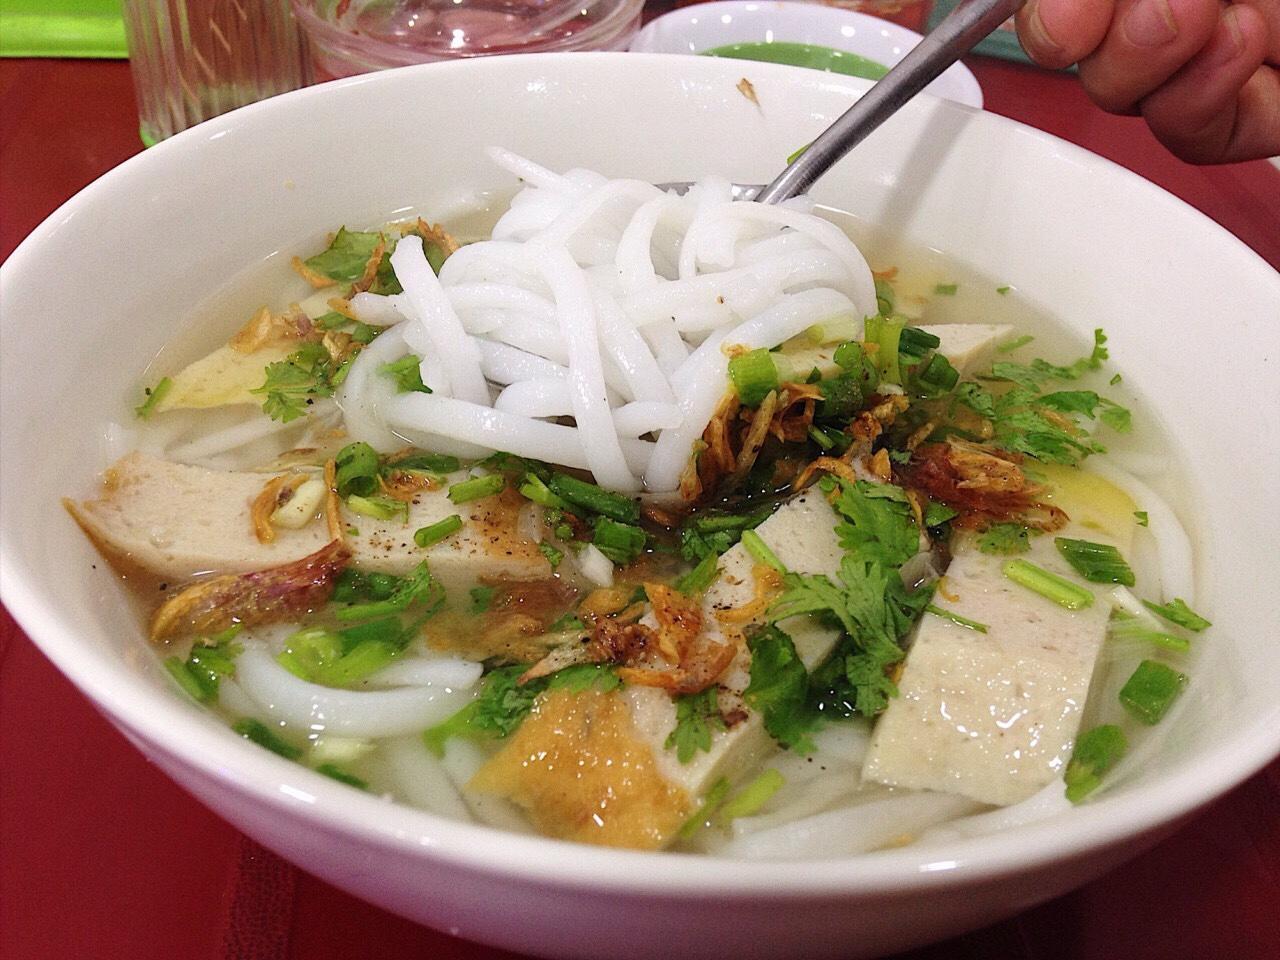 Bánh canh chả cá Phan Rang Như Thảo - Điểm hẹn của những người ...